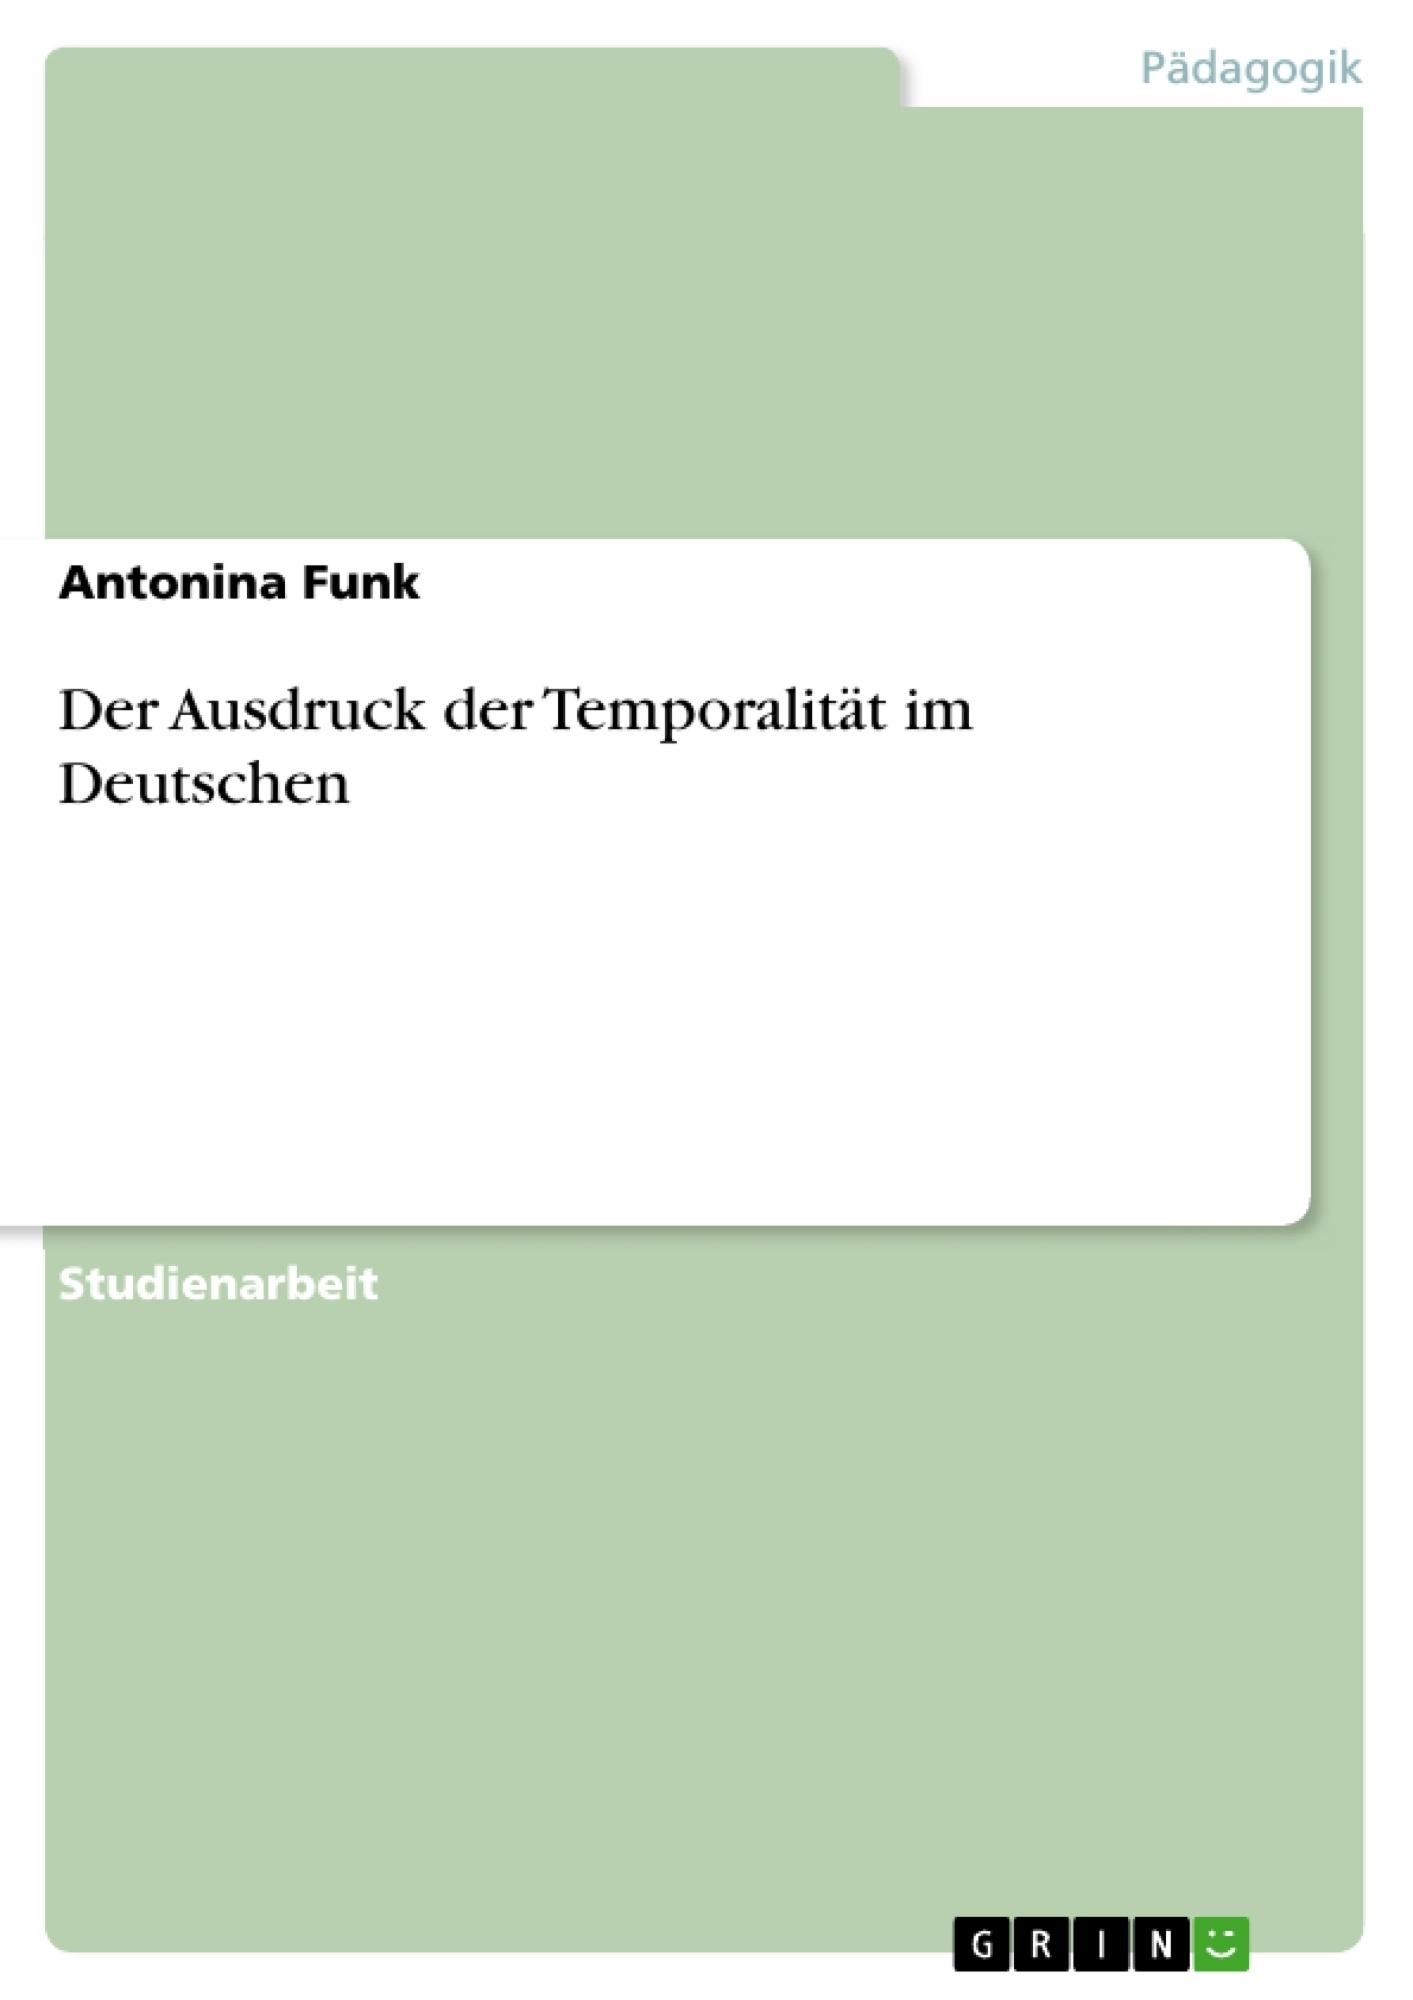 Titel: Der Ausdruck der Temporalität im Deutschen